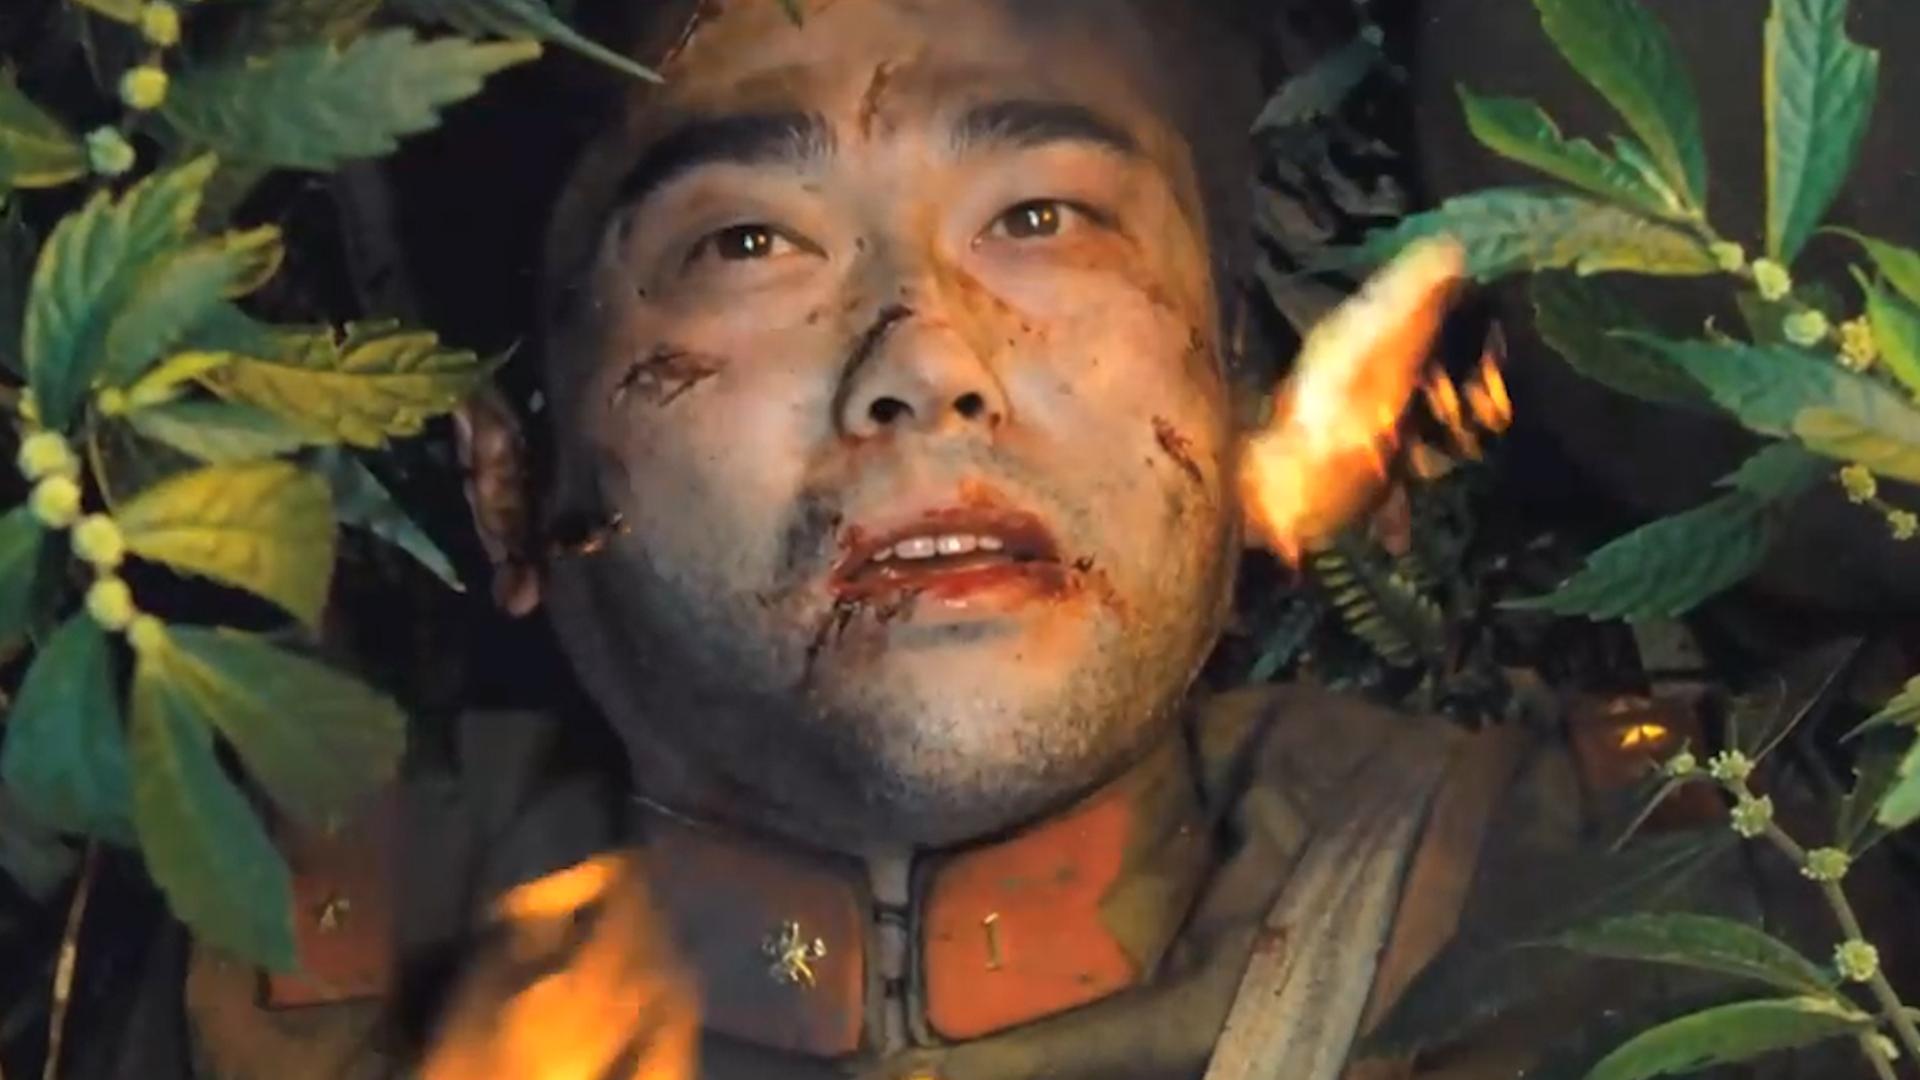 花12年完成拍摄,上万人参与,想不到国产战争片还有这样的神作!《赛德克·巴莱·彩虹桥》